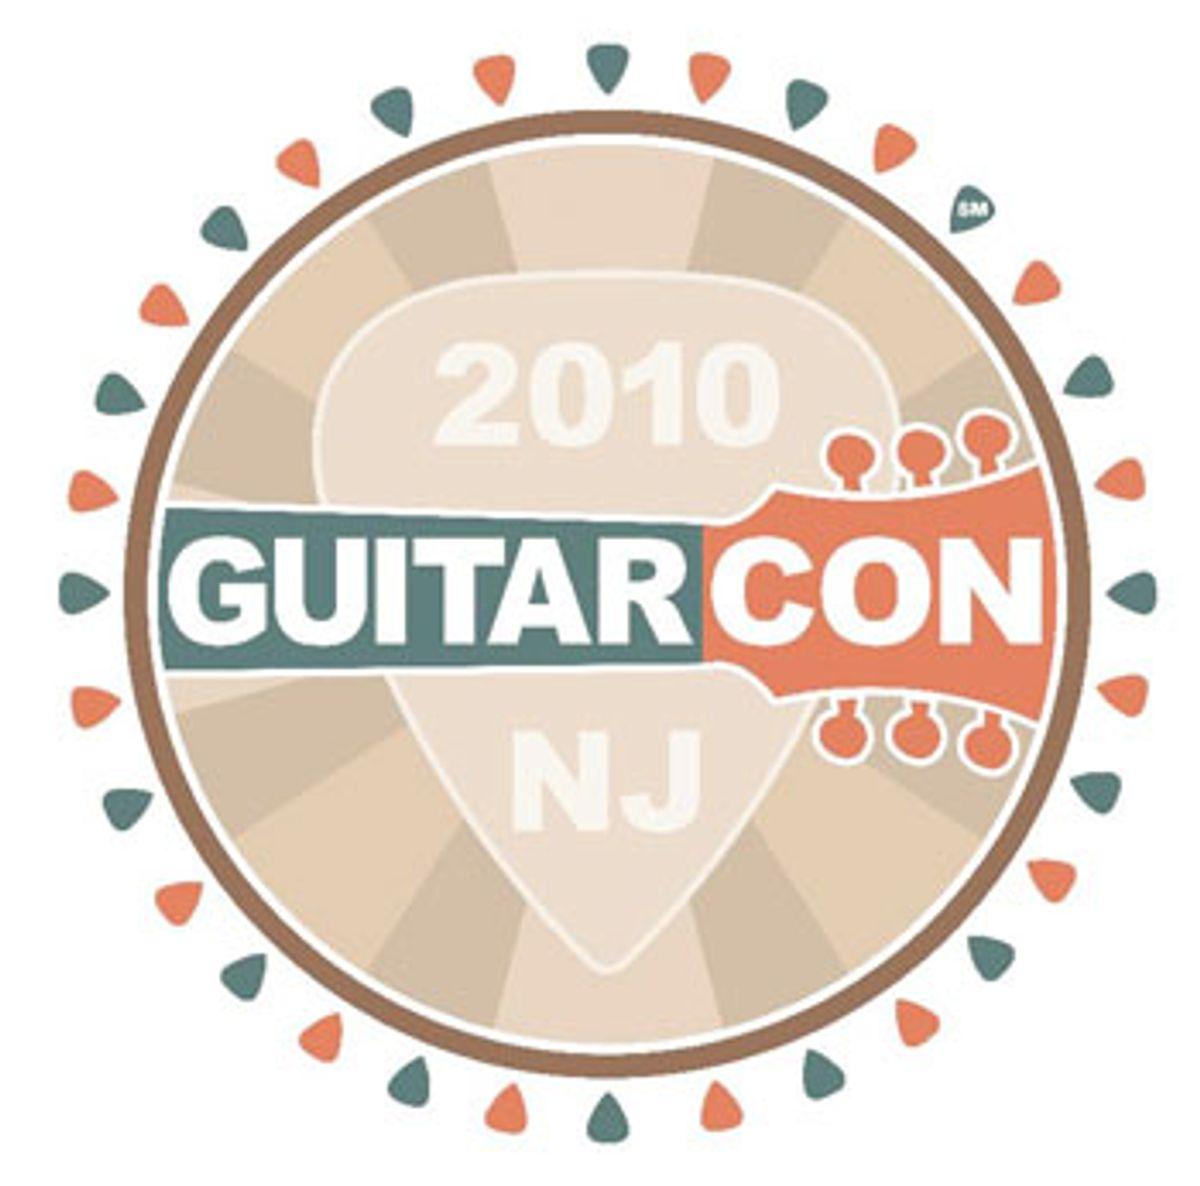 Guitar Con 2010 Announced